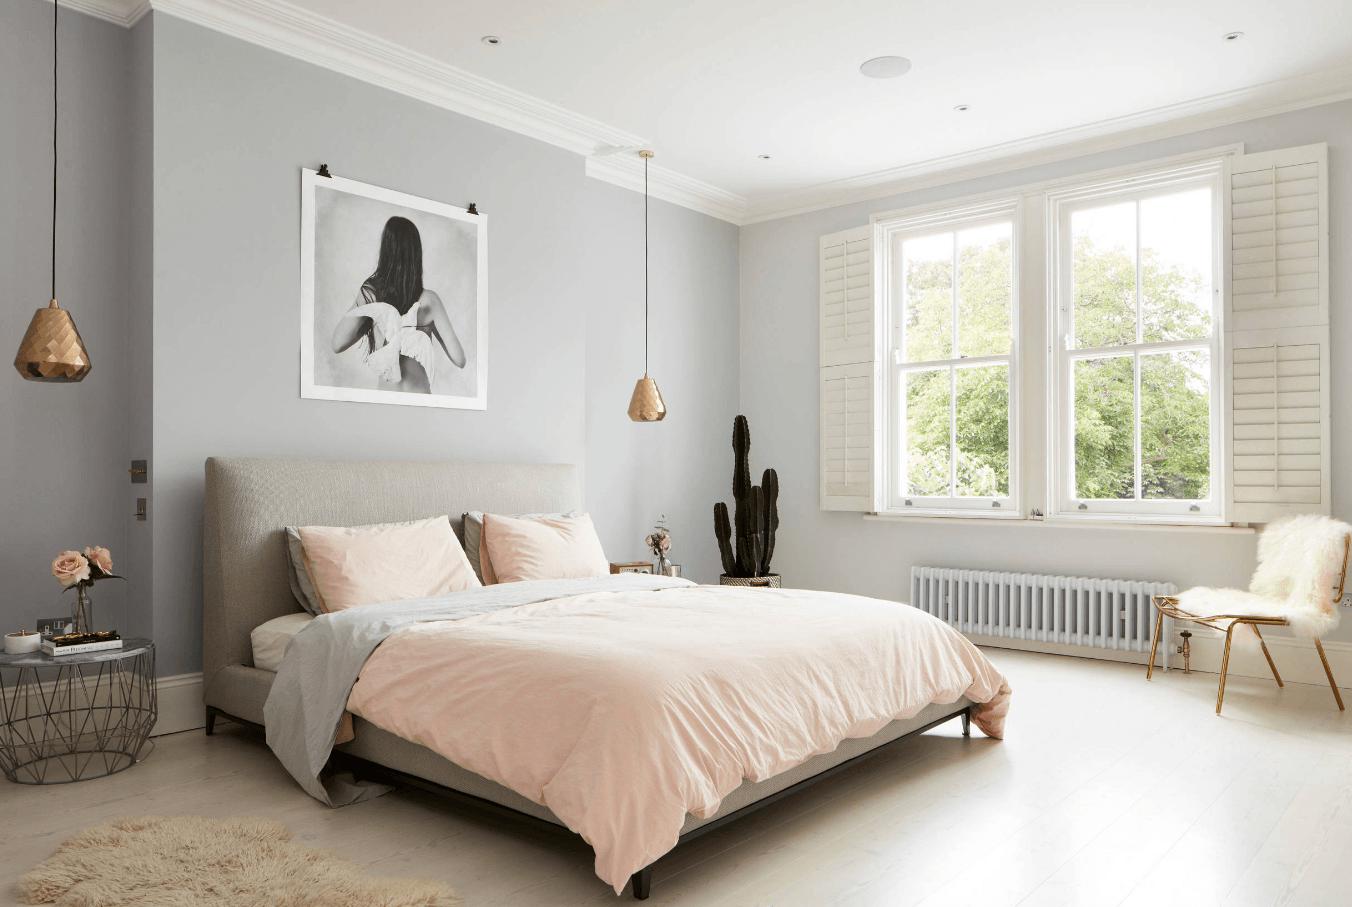 Lenzuola Di Seta Opinioni biancheria da letto: perchè scegliere lenzuola di seta